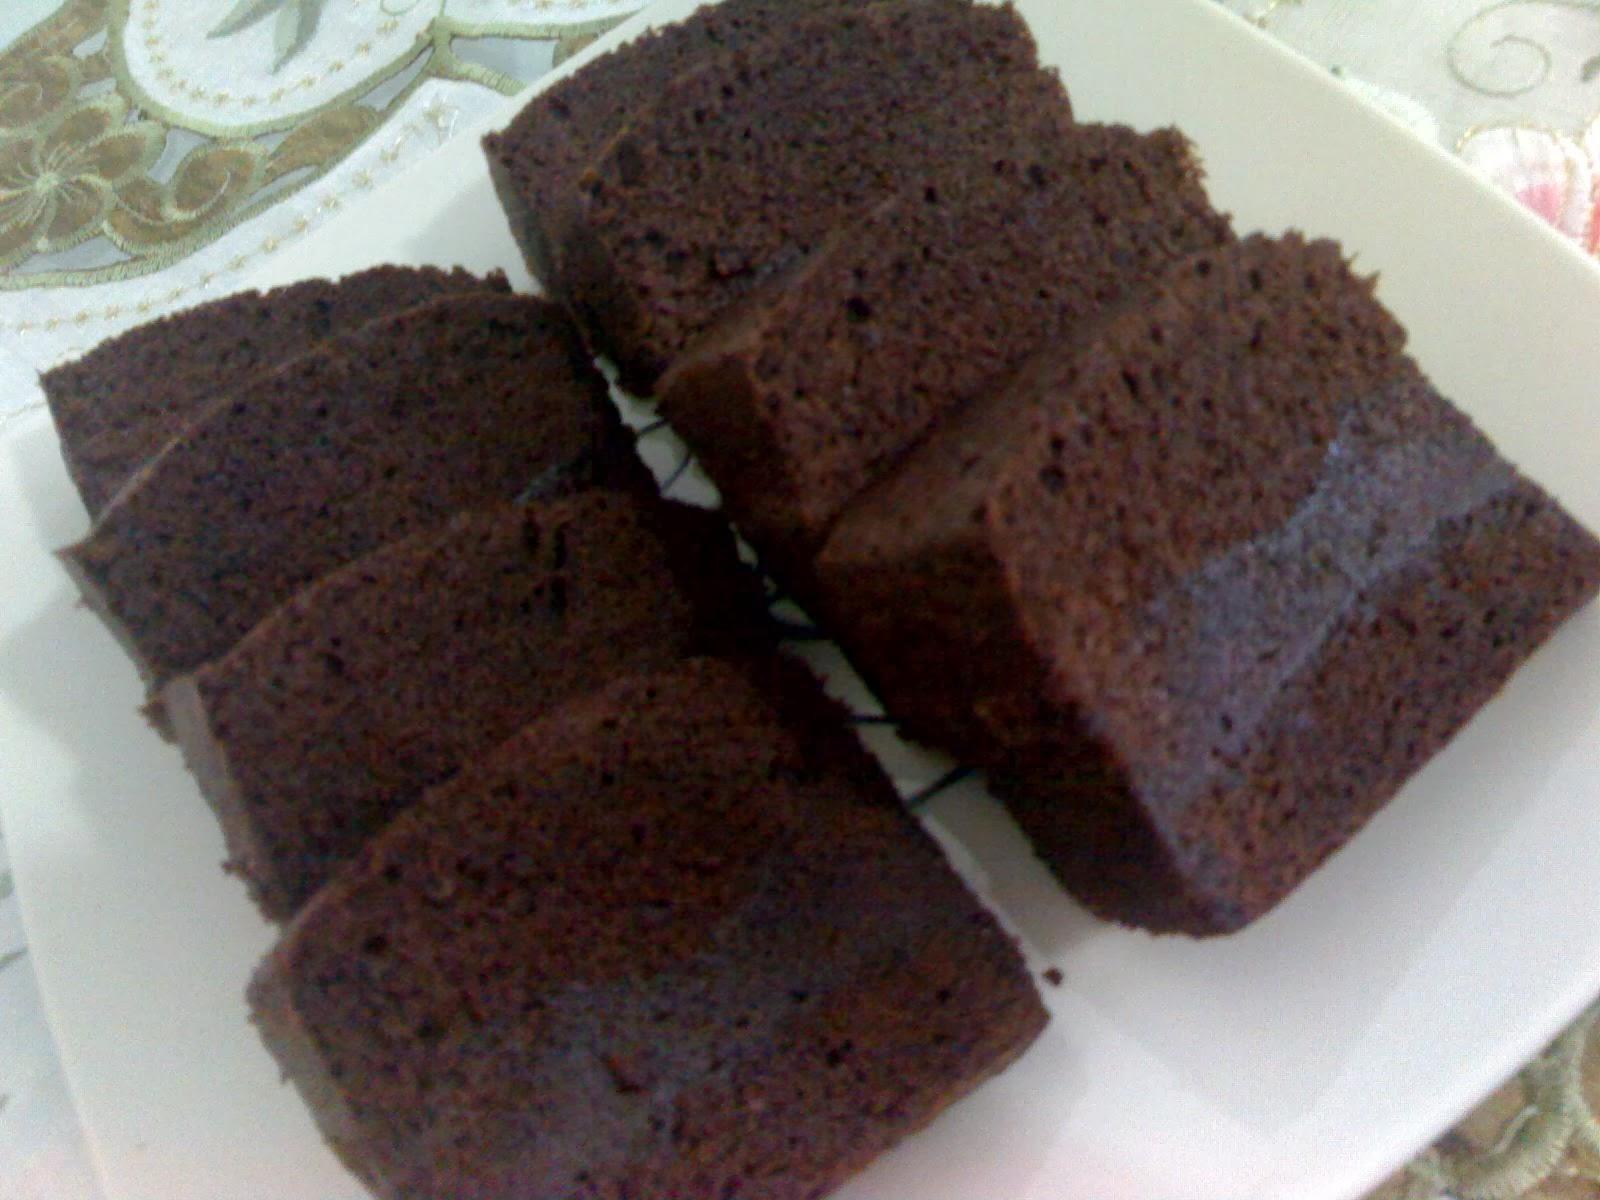 Resep Cake Kukus Labu Kuning Lapis Coklat: Kue Kampung Elit